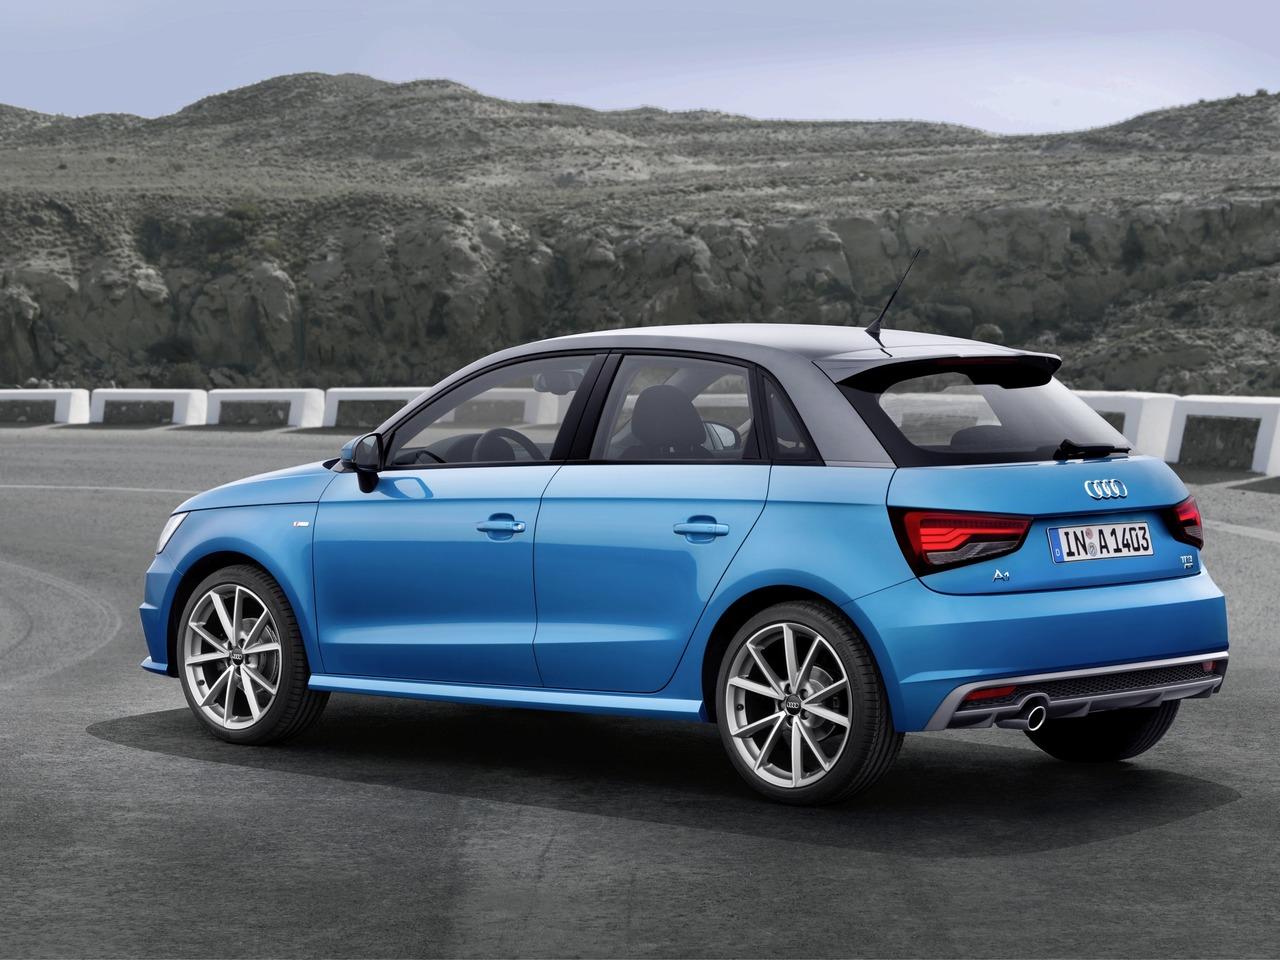 Снимки: Audi A1 Facelift